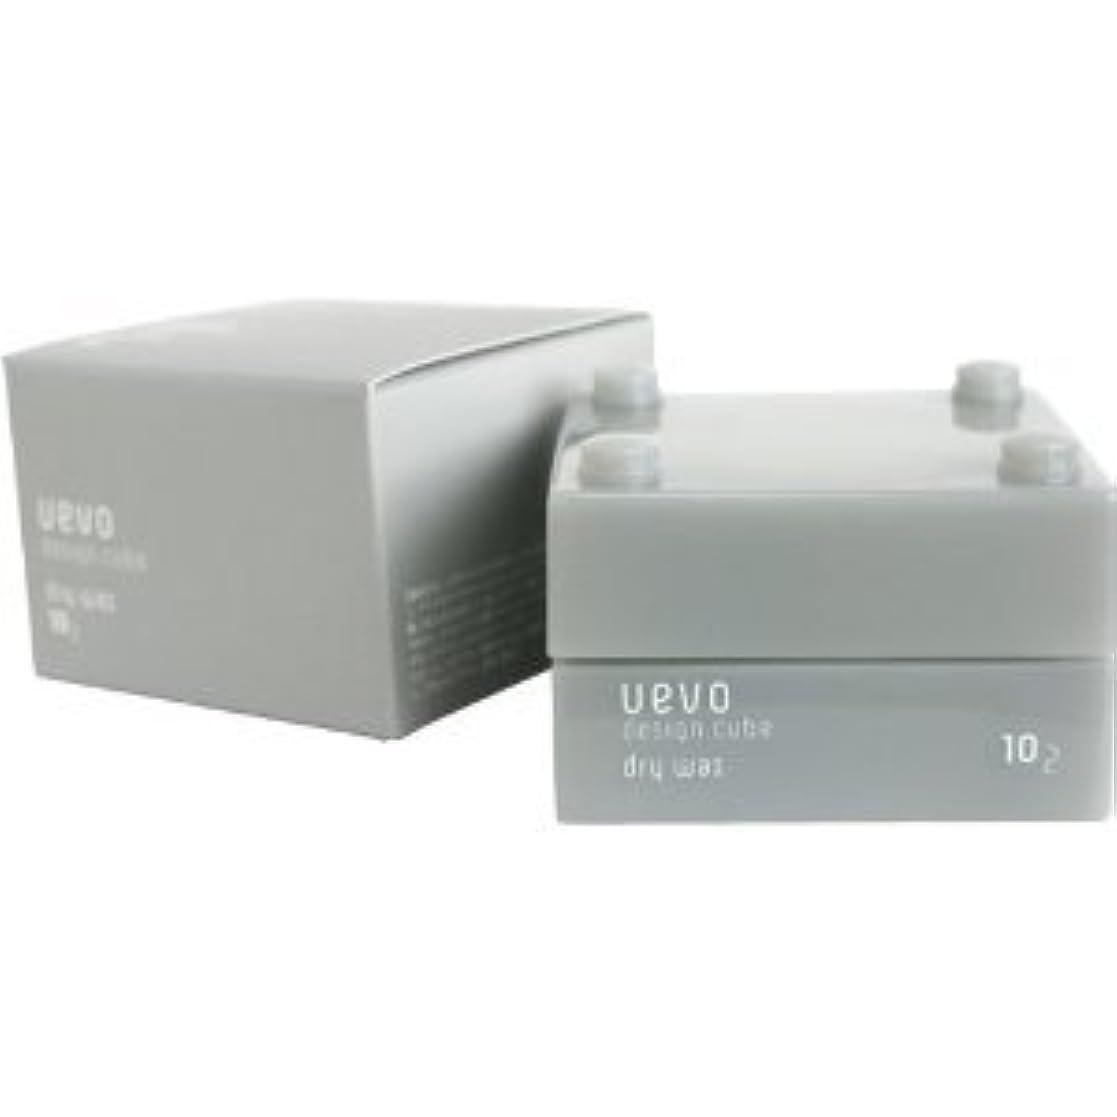 値レプリカウール【X2個セット】 デミ ウェーボ デザインキューブ ドライワックス 30g dry wax DEMI uevo design cube